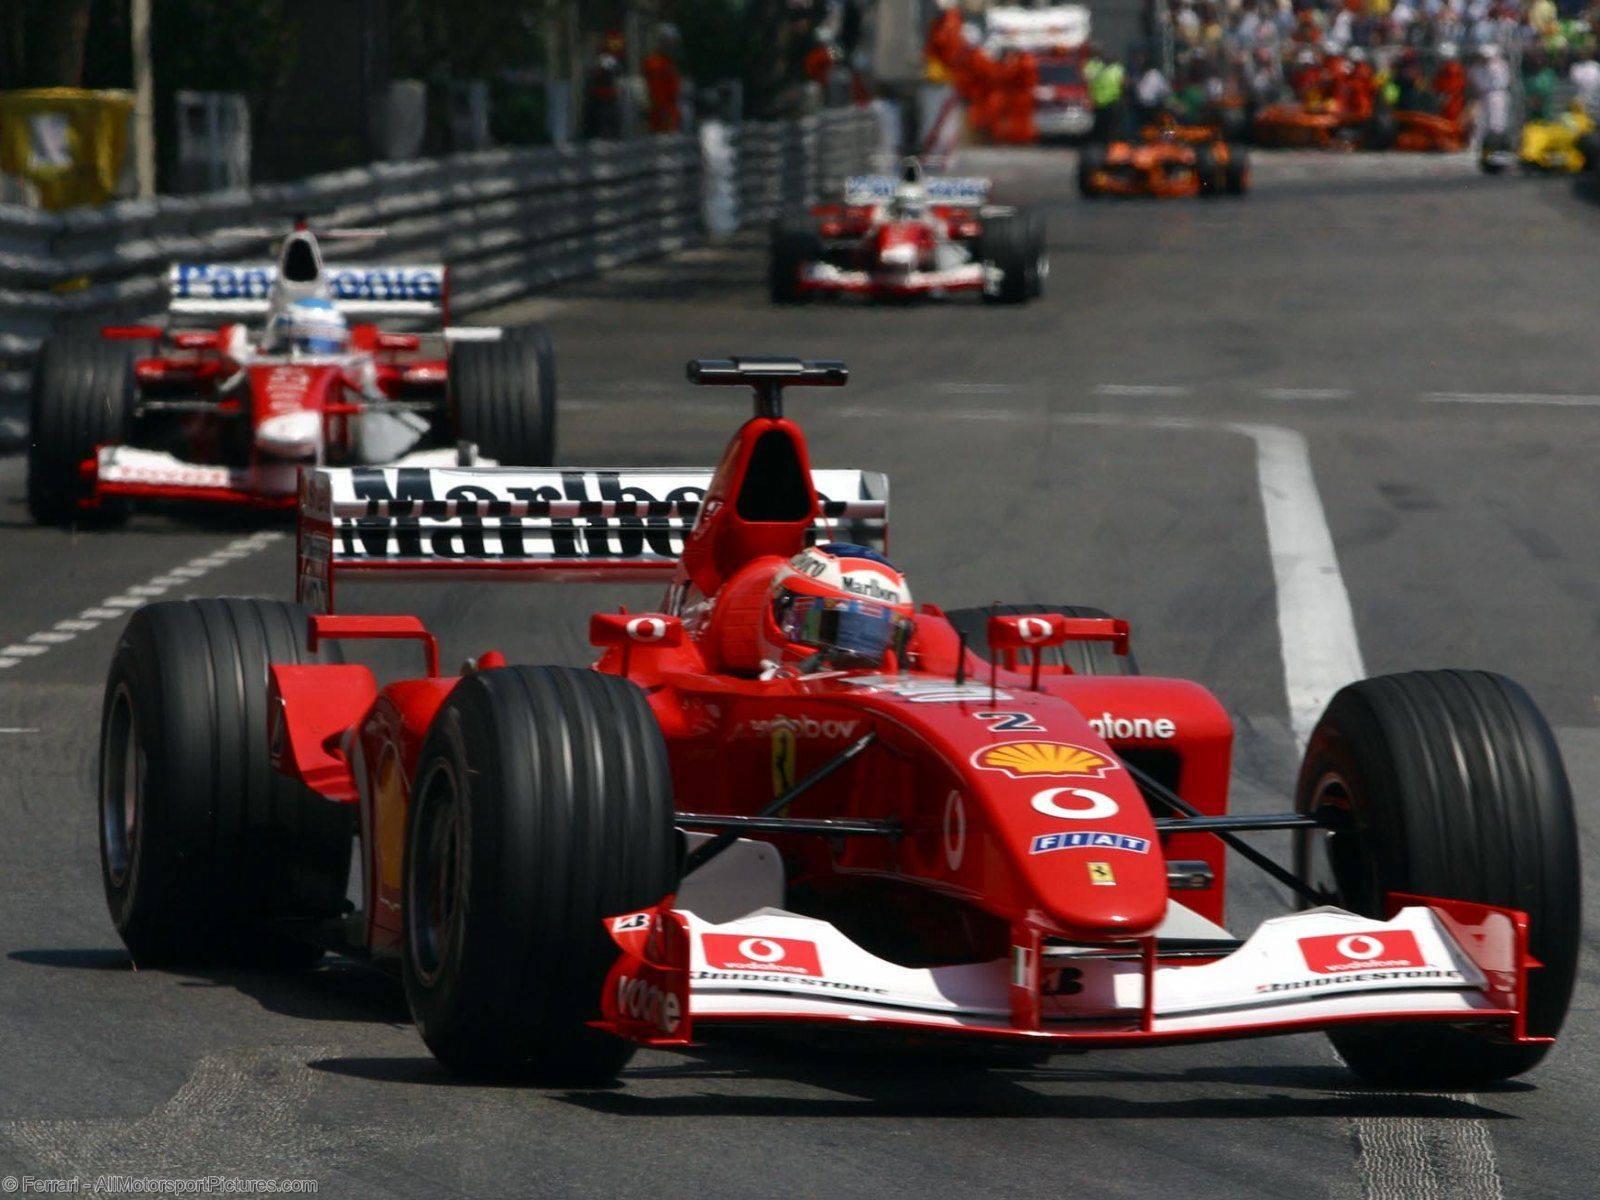 Monaco GP 2002 - Rubens Barrichello...